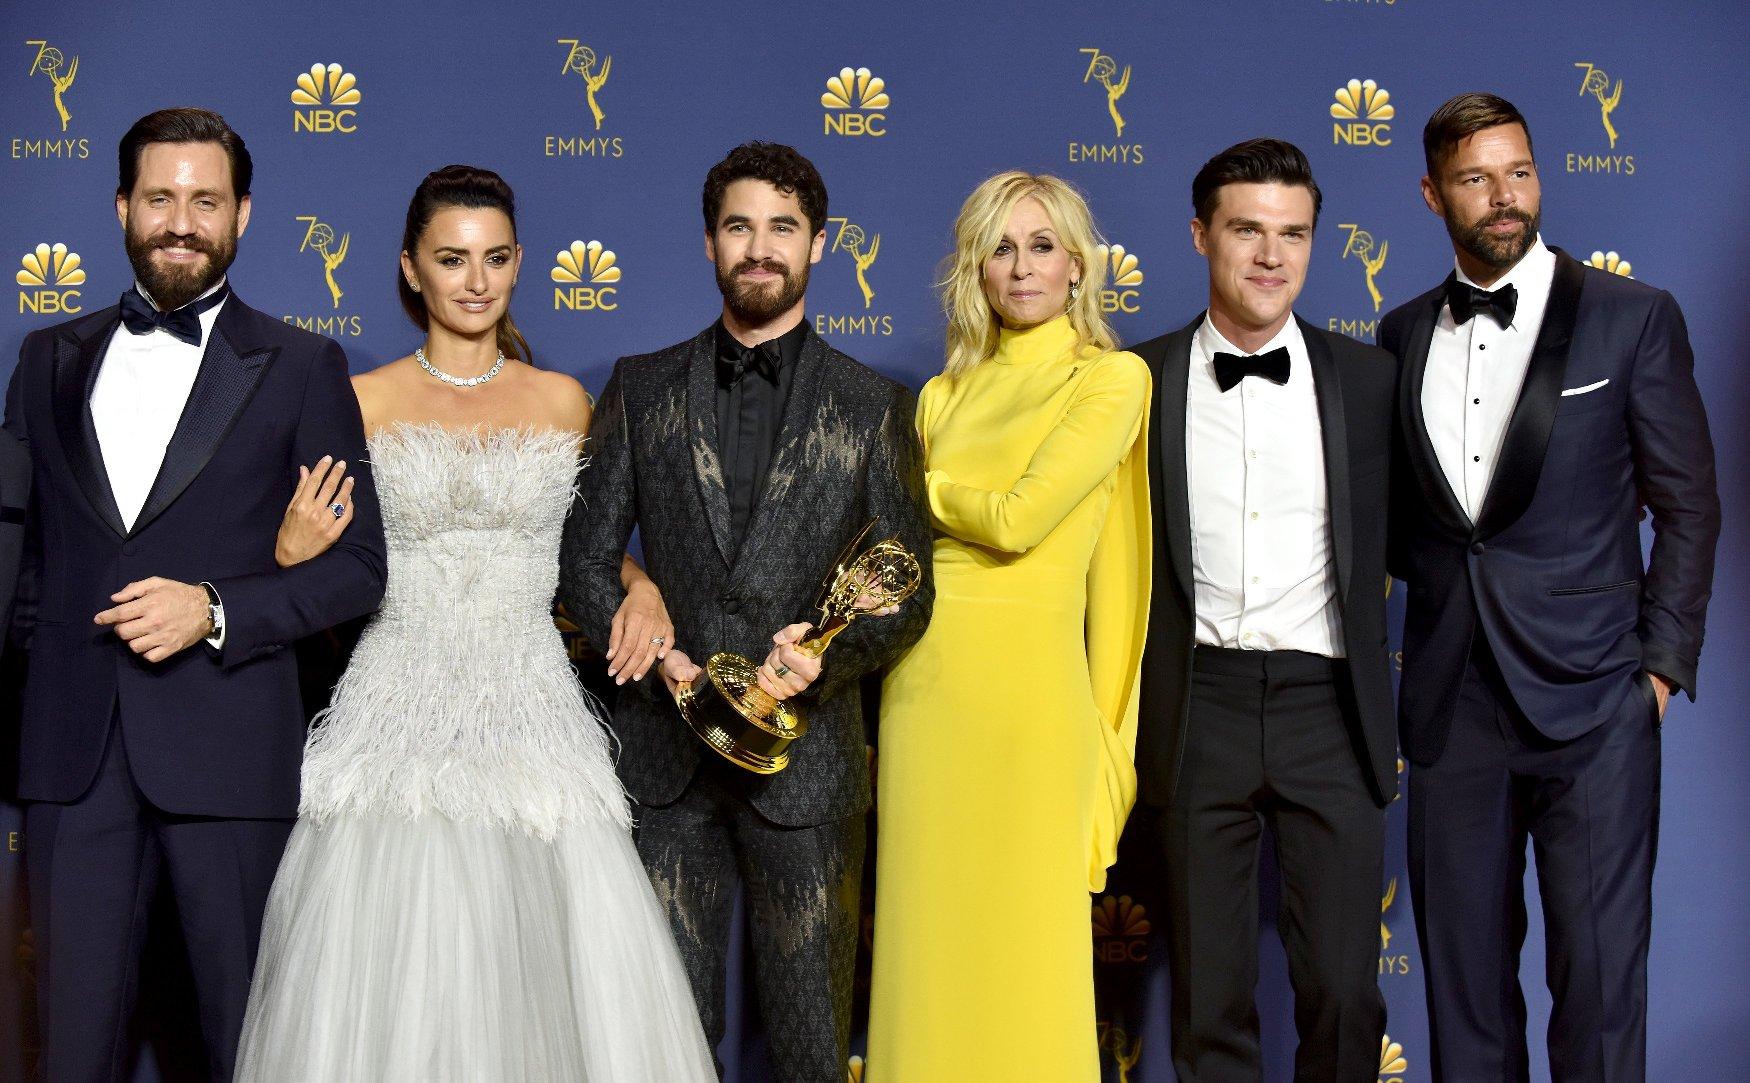 (L_R) Edgar Ramirez, Penelope Cruz, Darren Criss, Judith Light, Finn Wittrock and Ricky Martin, winners of the award for Outstanding Limited Series award for